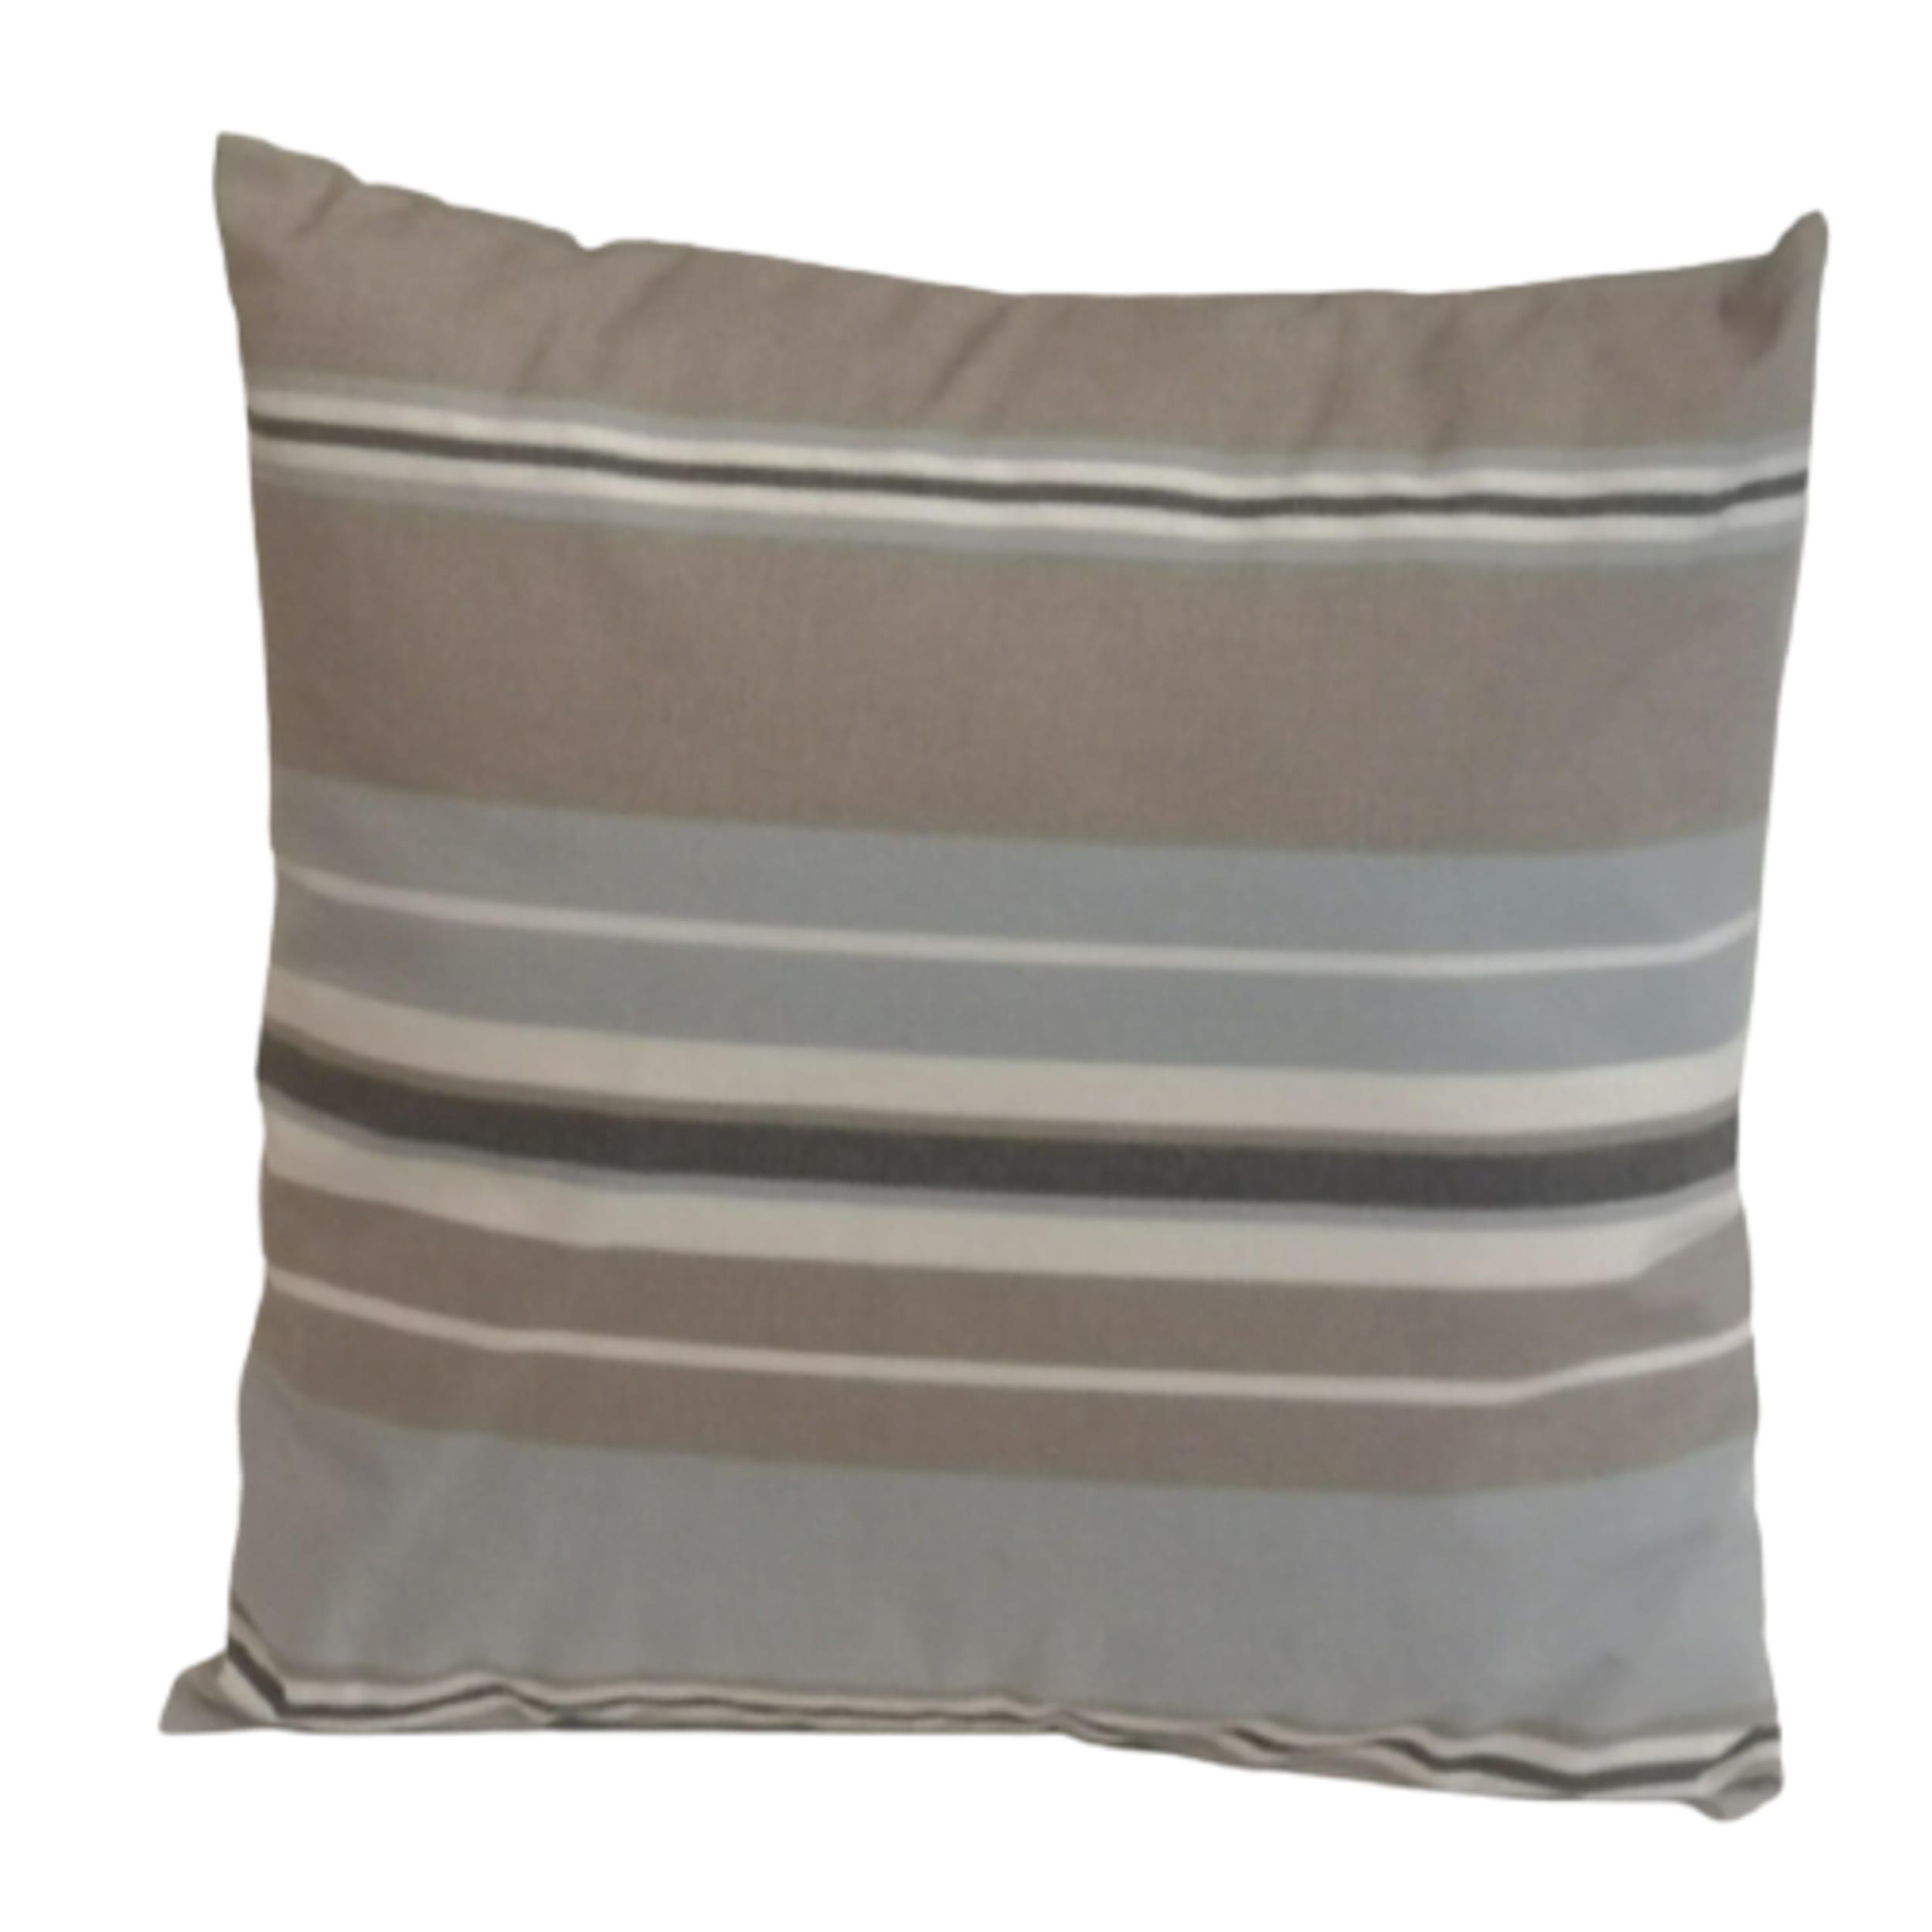 1 lot de housse de coussin 100% coton beige 45 x 45 cm + 40x60cm